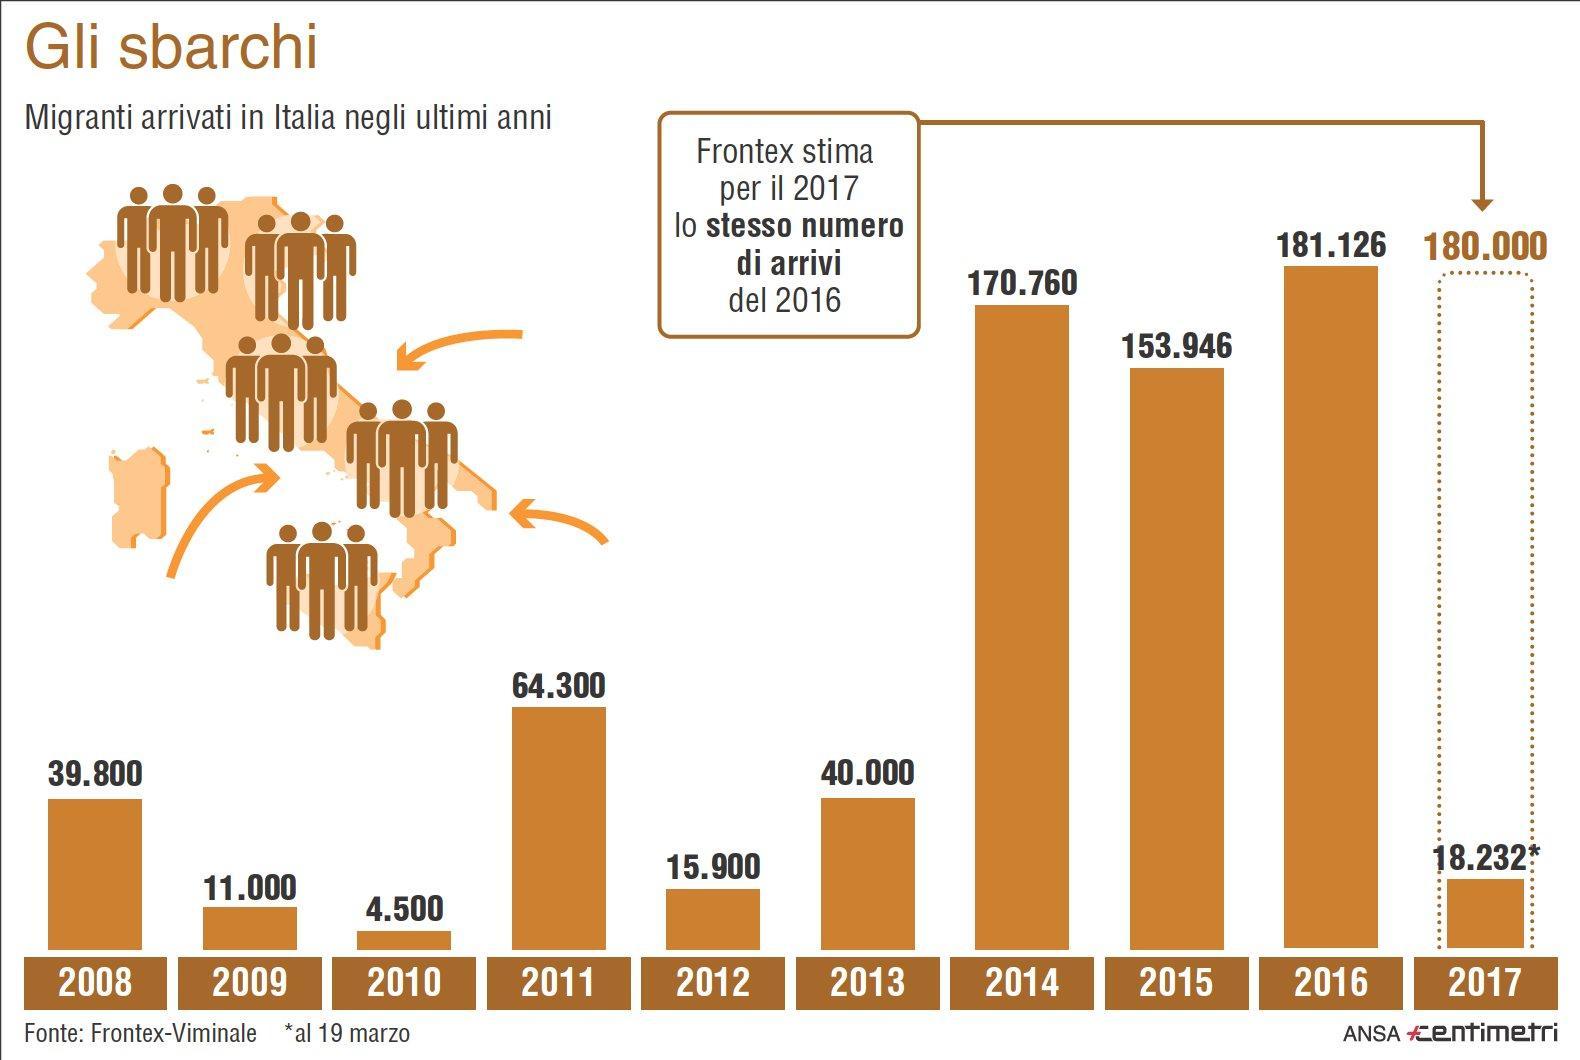 Migranti, gli sbarchi in Italia negli ultimi anni